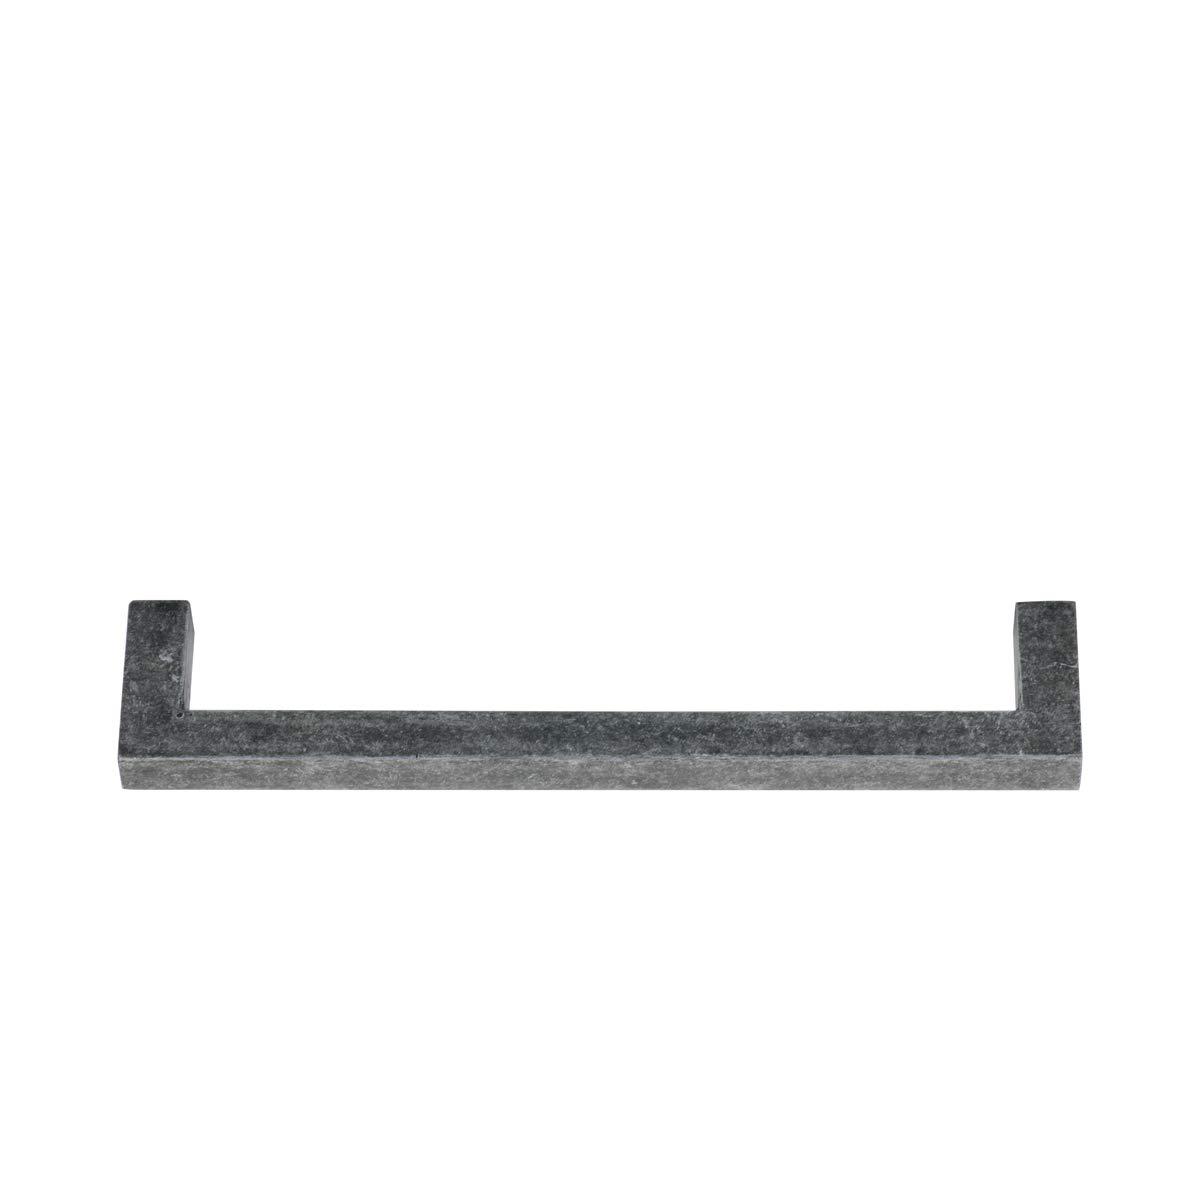 10,5 cm de longitud AB3701-AS-10 Tirador de armario Basics 9,5 cm centro del agujero plata envejecida